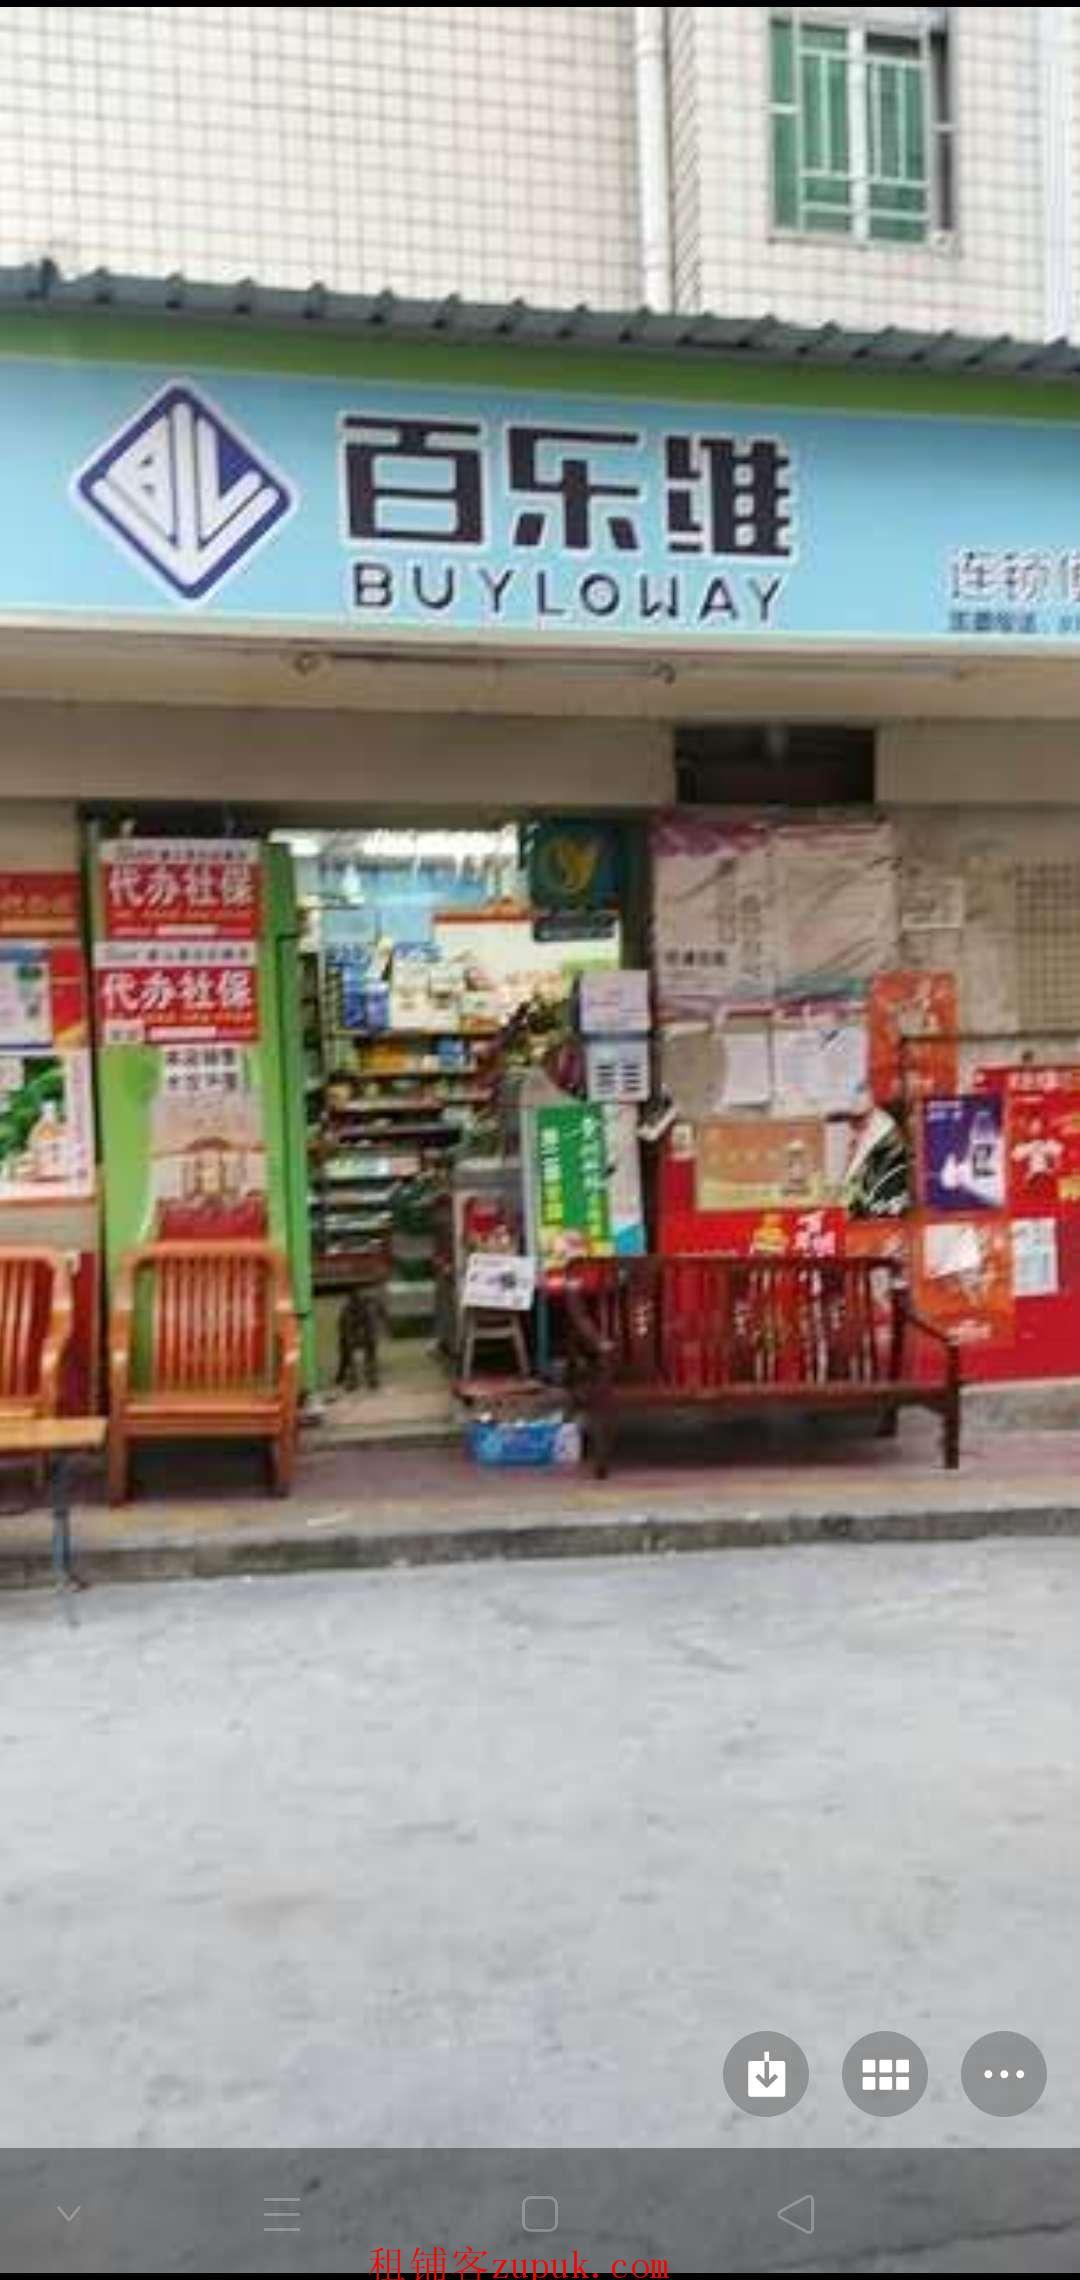 黄金位置便利店铺位转让!!!急,家中有老人得了糖尿病回家照顾